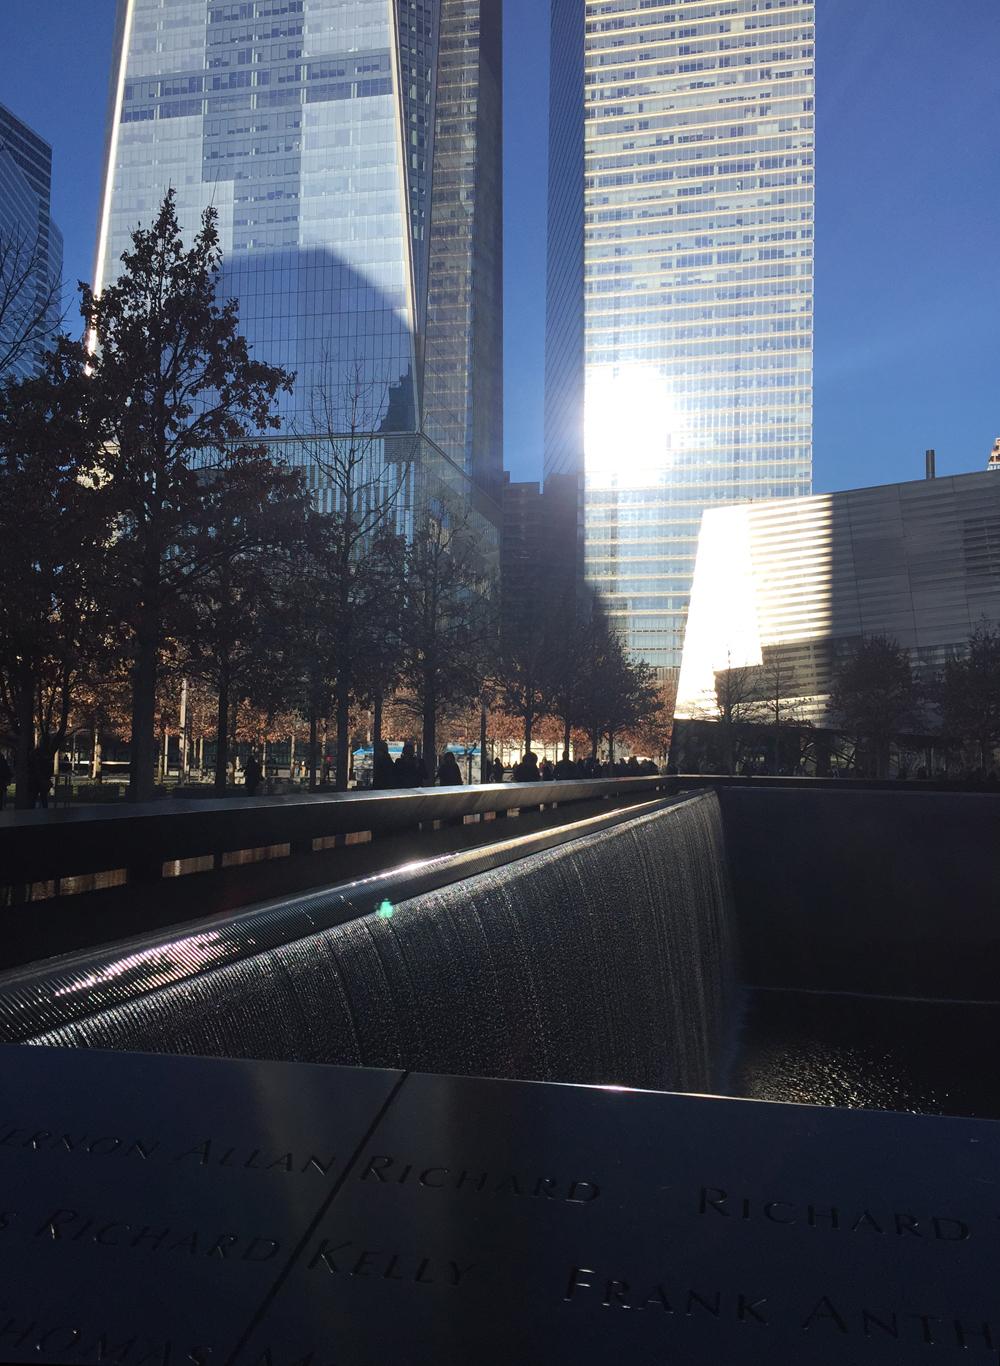 New Yorkin parhaat nähtävyydet 27